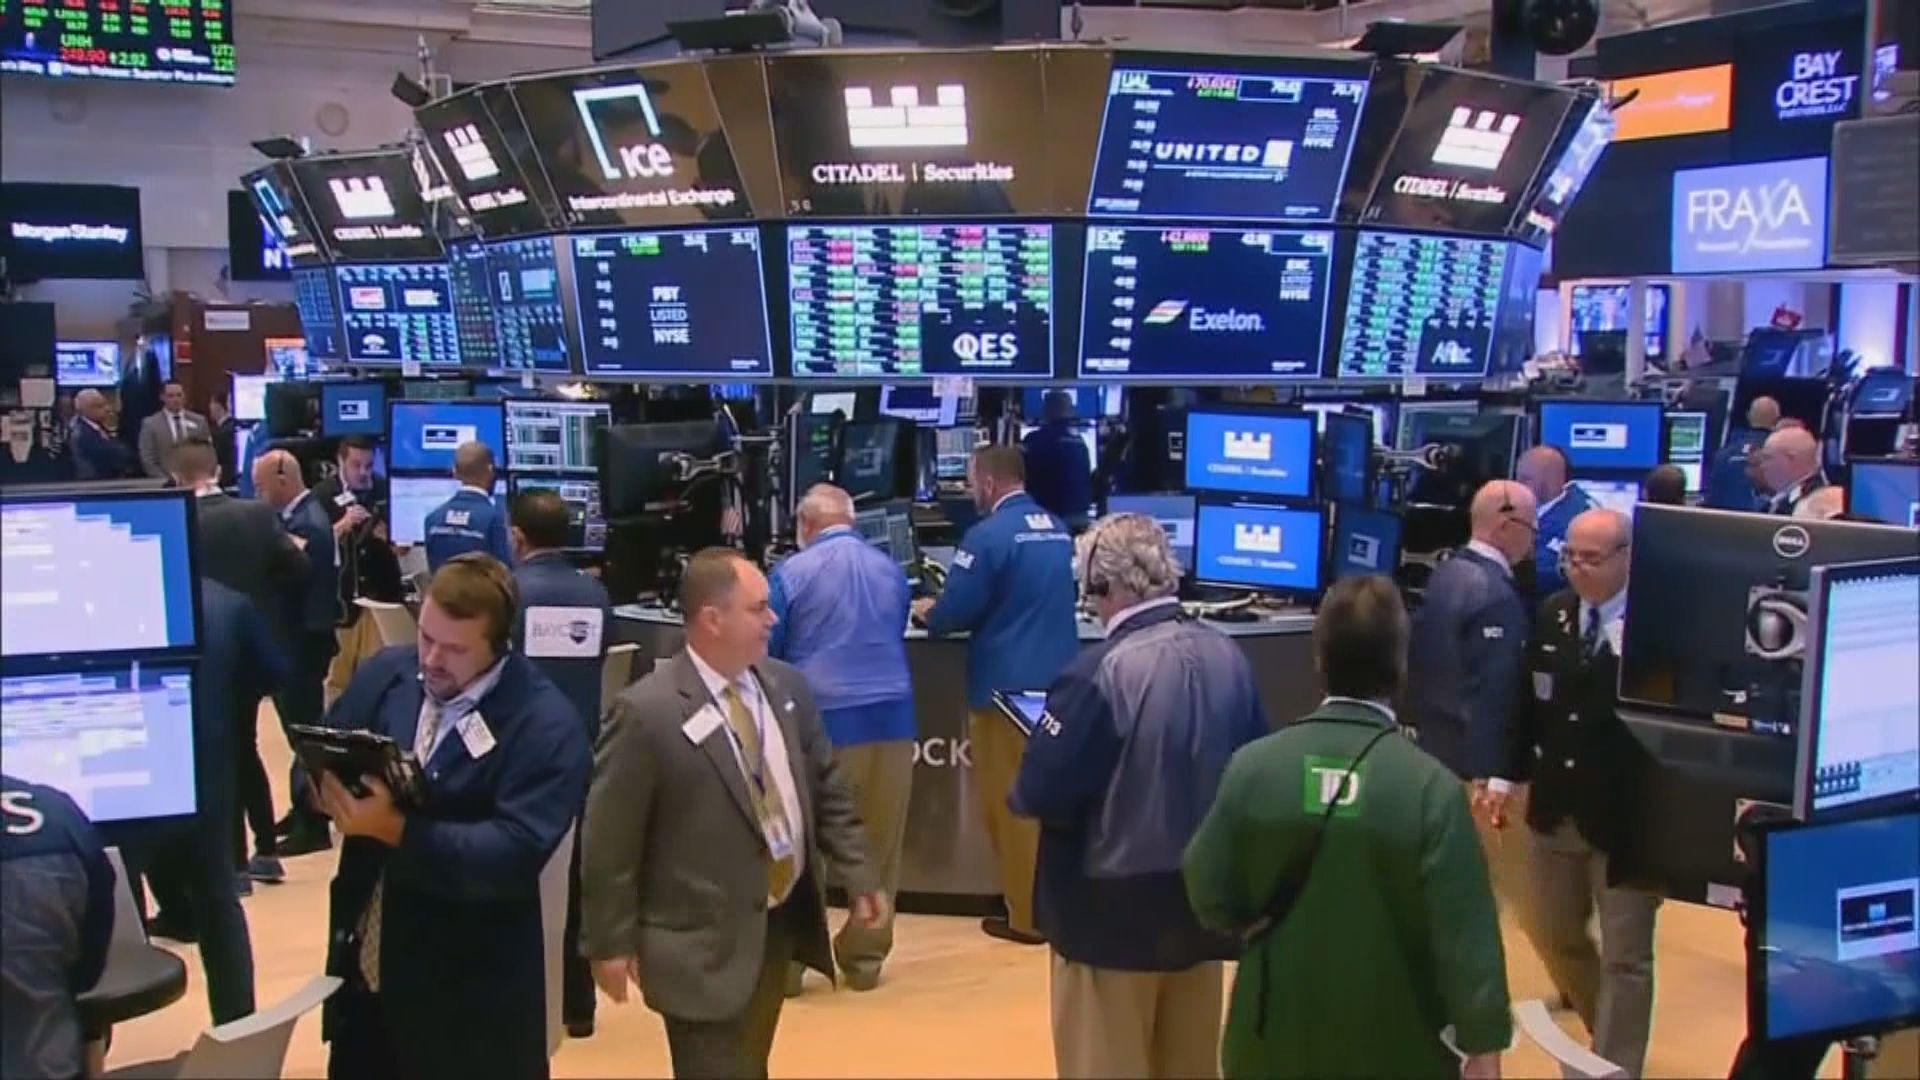 美股3大指數創新高 因中美貿易談判取得積極進展